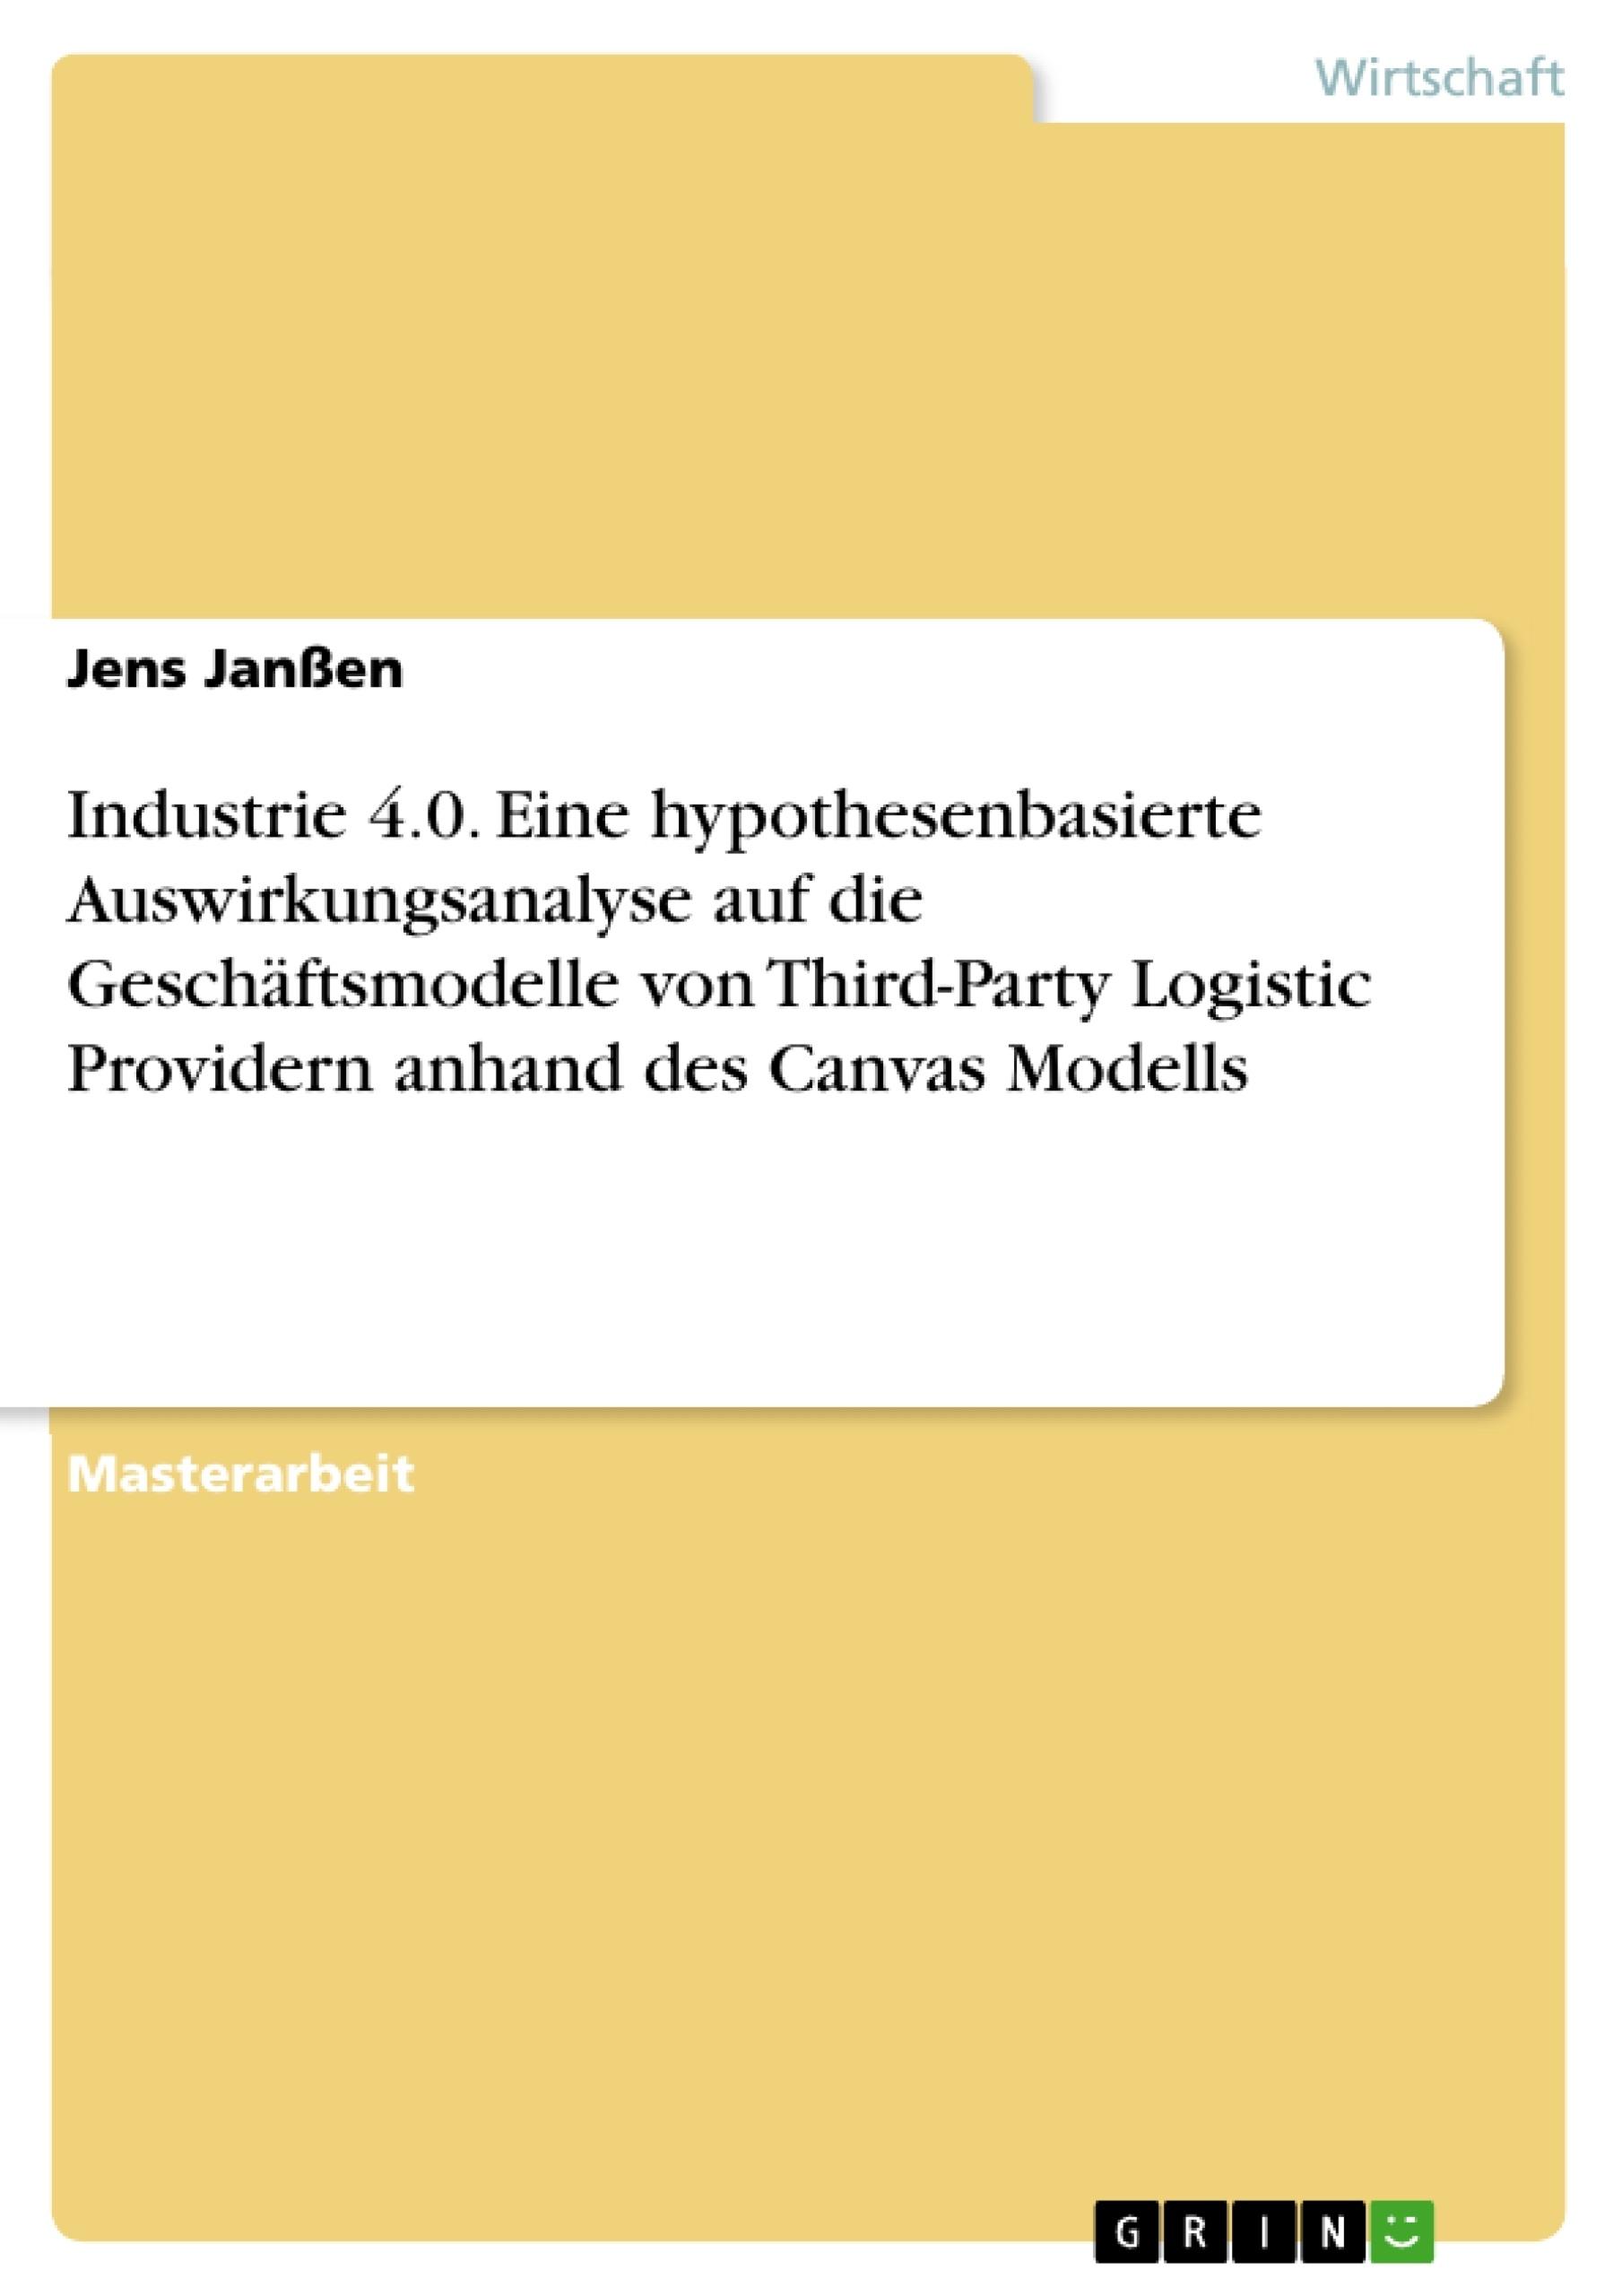 Titel: Industrie 4.0. Eine hypothesenbasierte Auswirkungsanalyse auf die Geschäftsmodelle von Third-Party Logistic Providern anhand des Canvas Modells